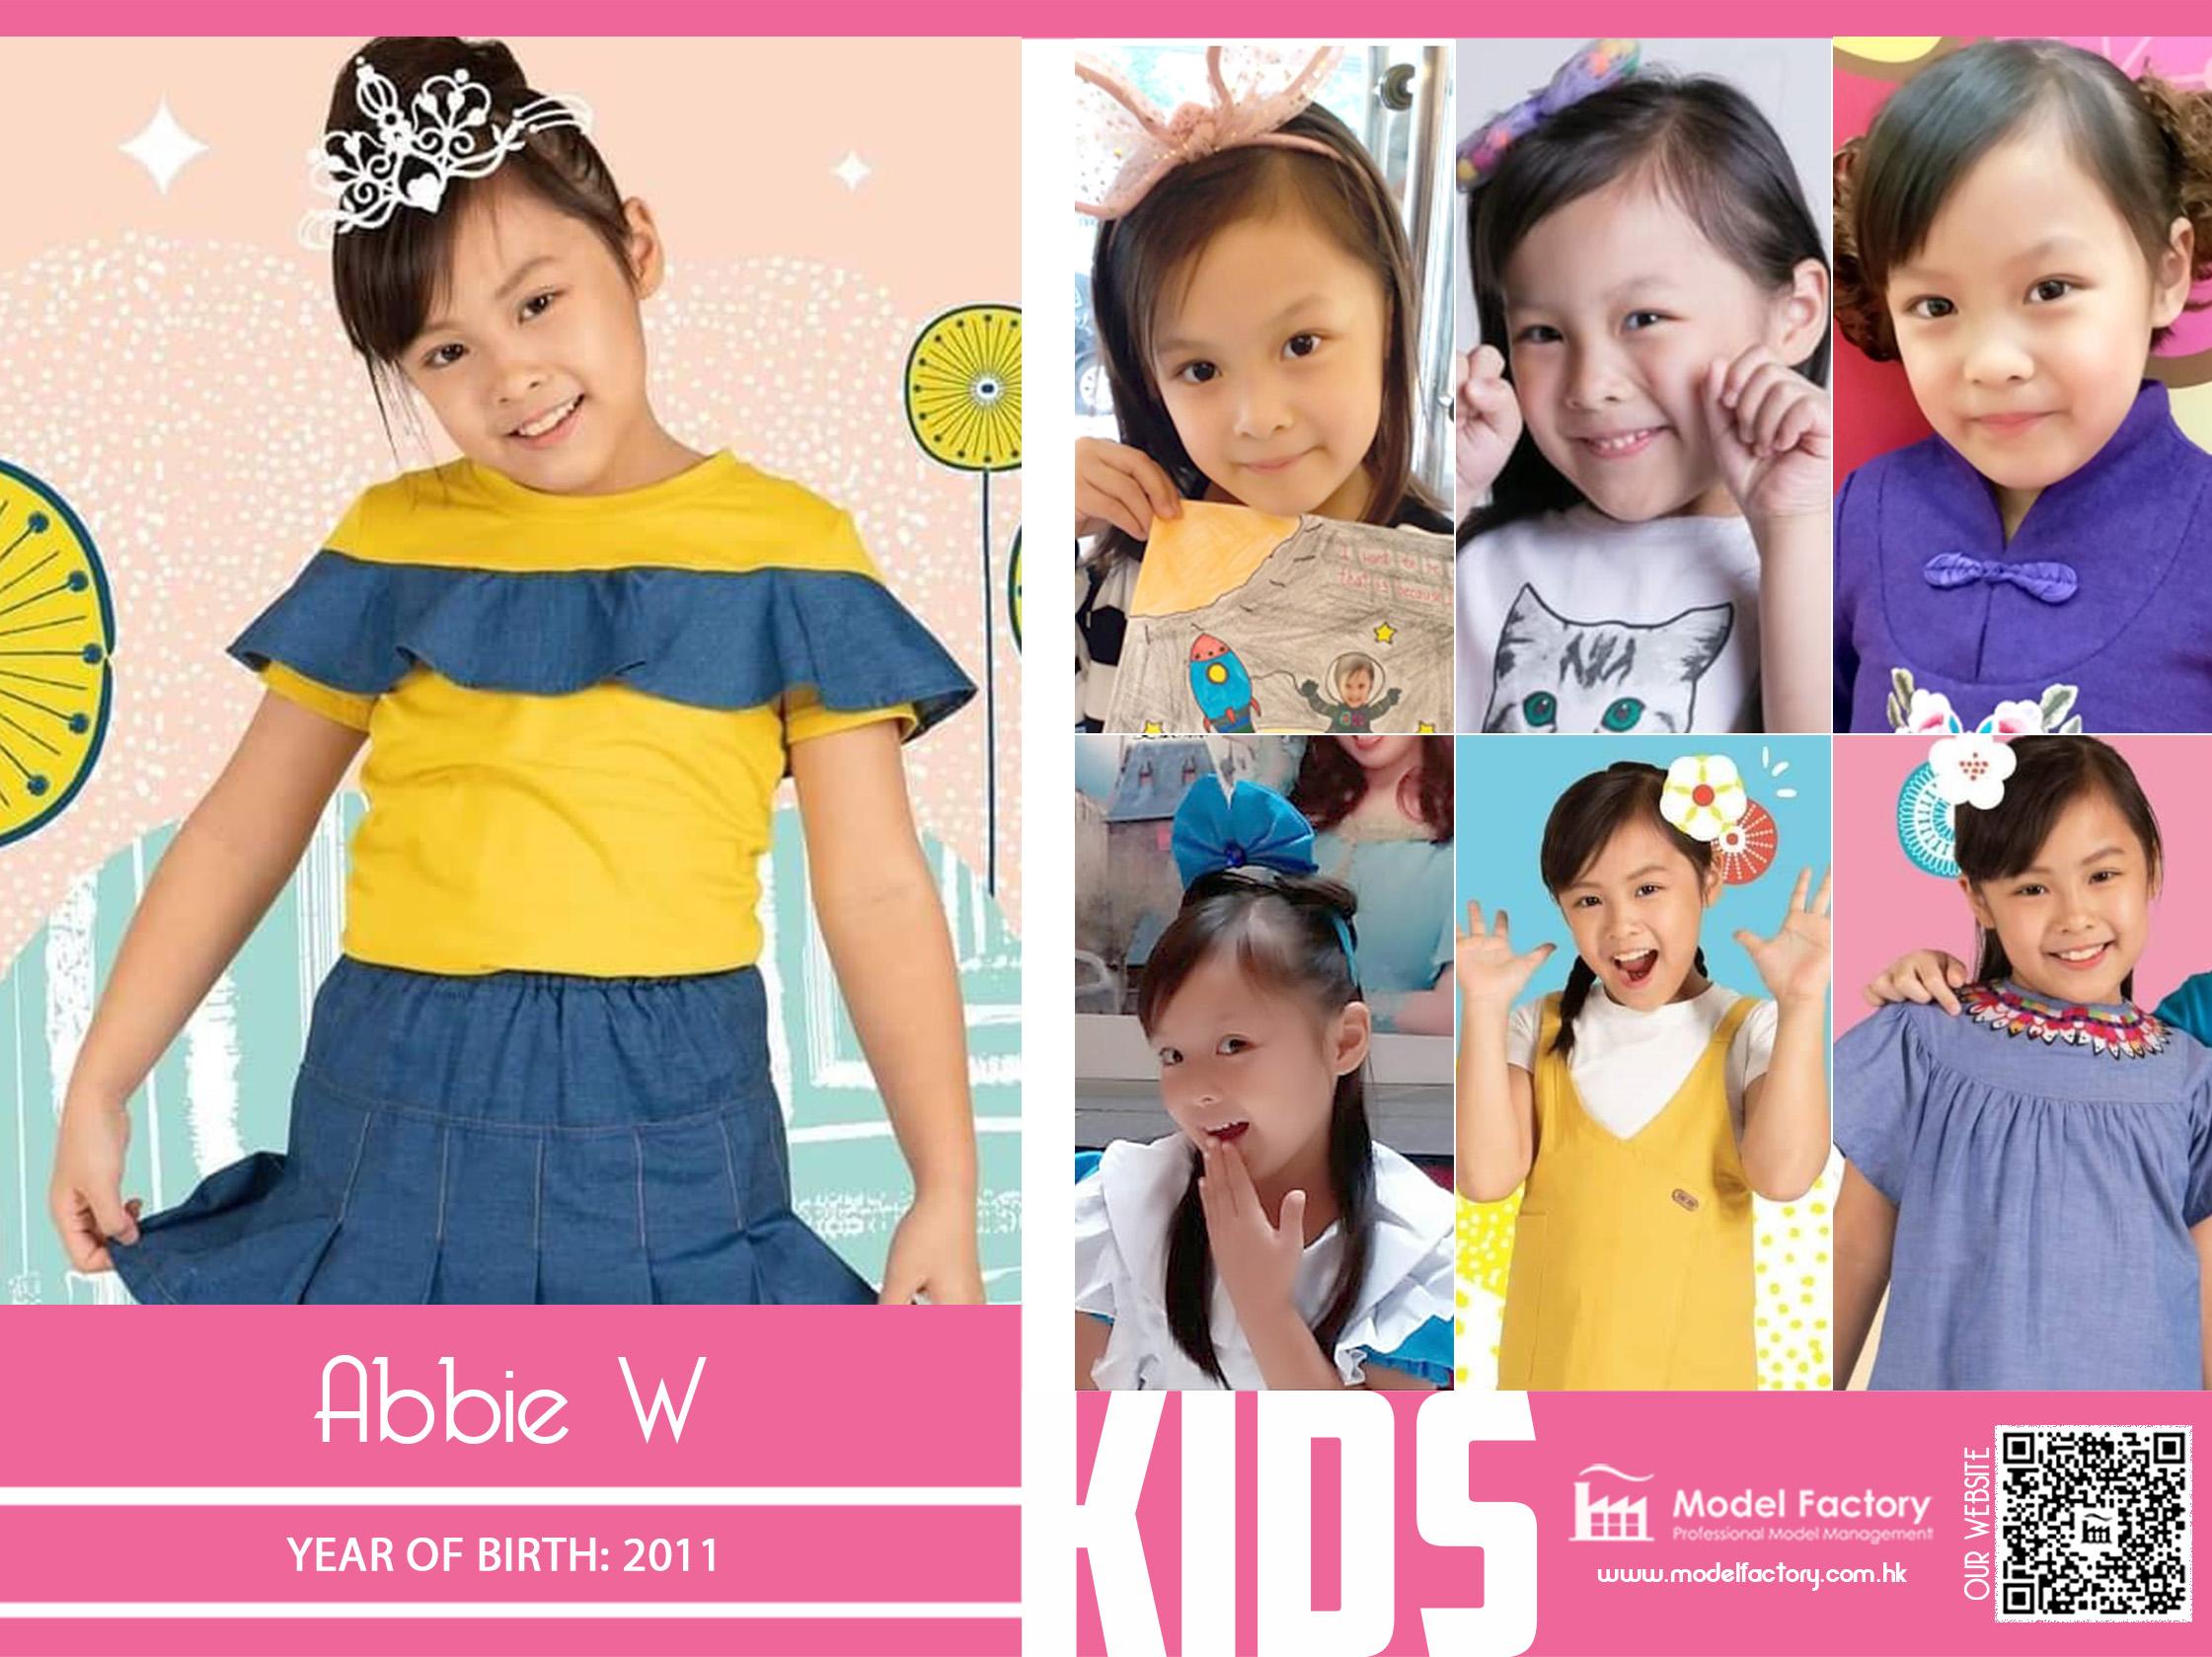 Model Factory Local Kids Model Abbie W